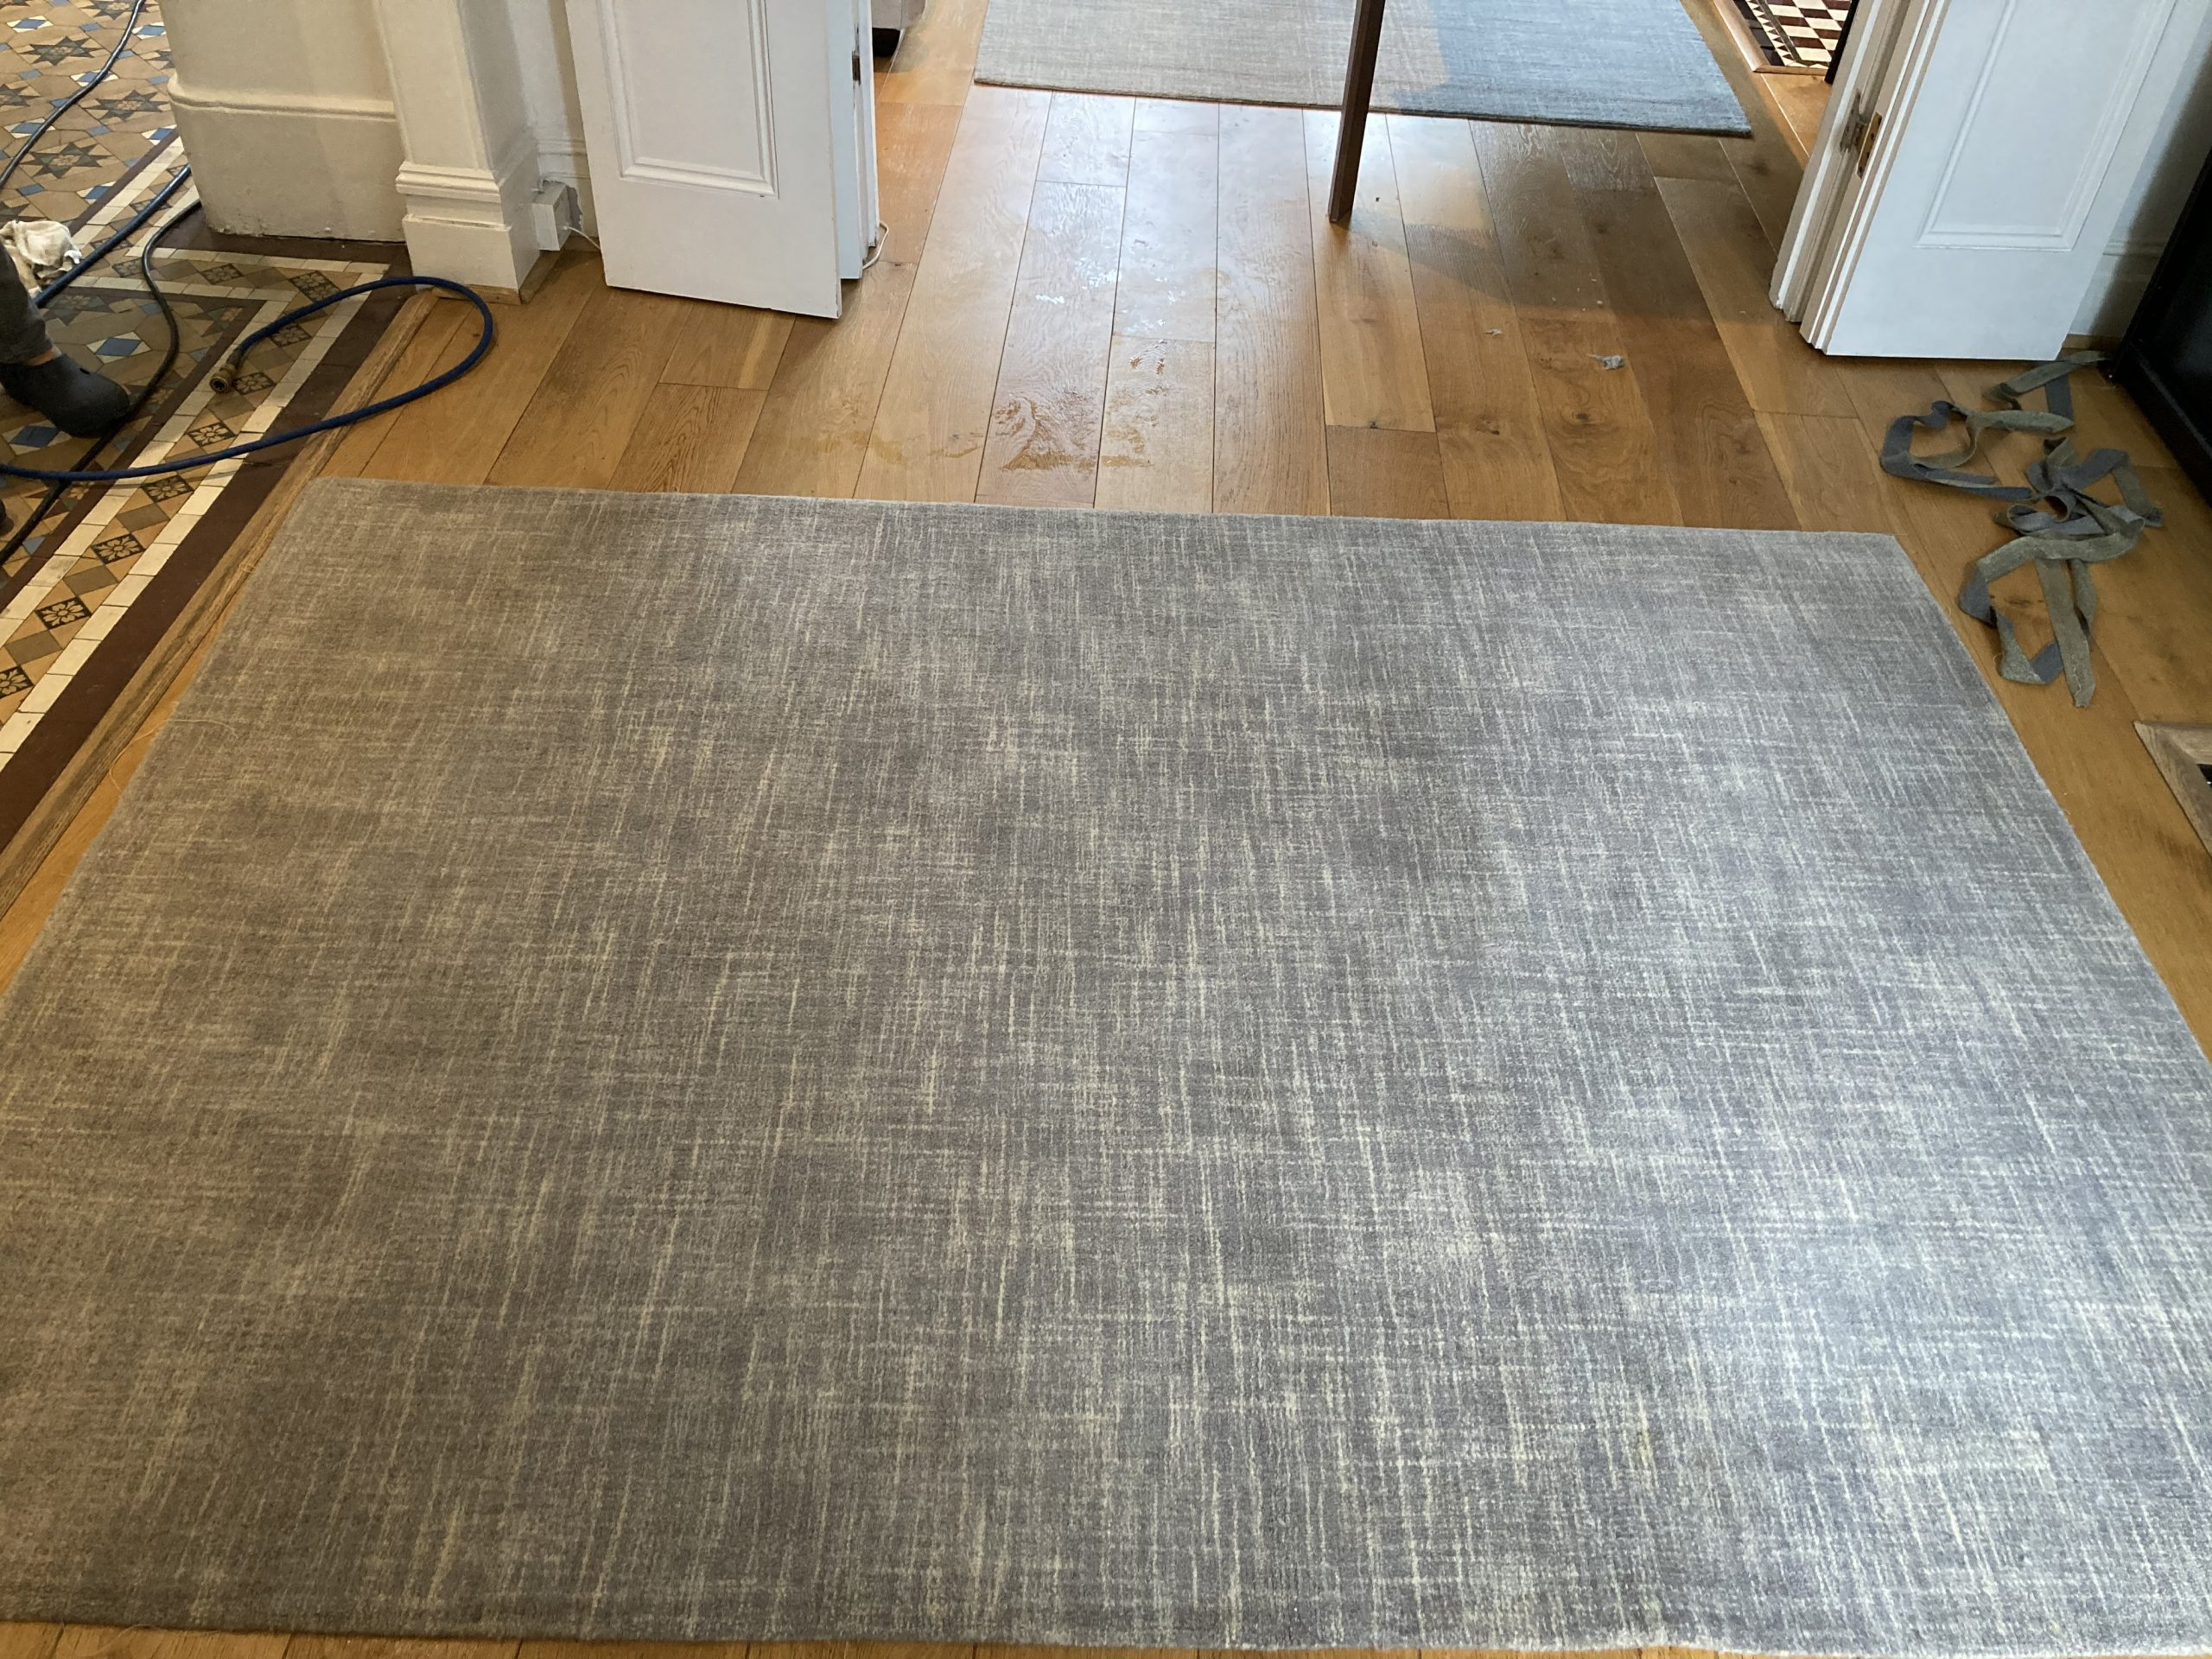 Cleaned rug